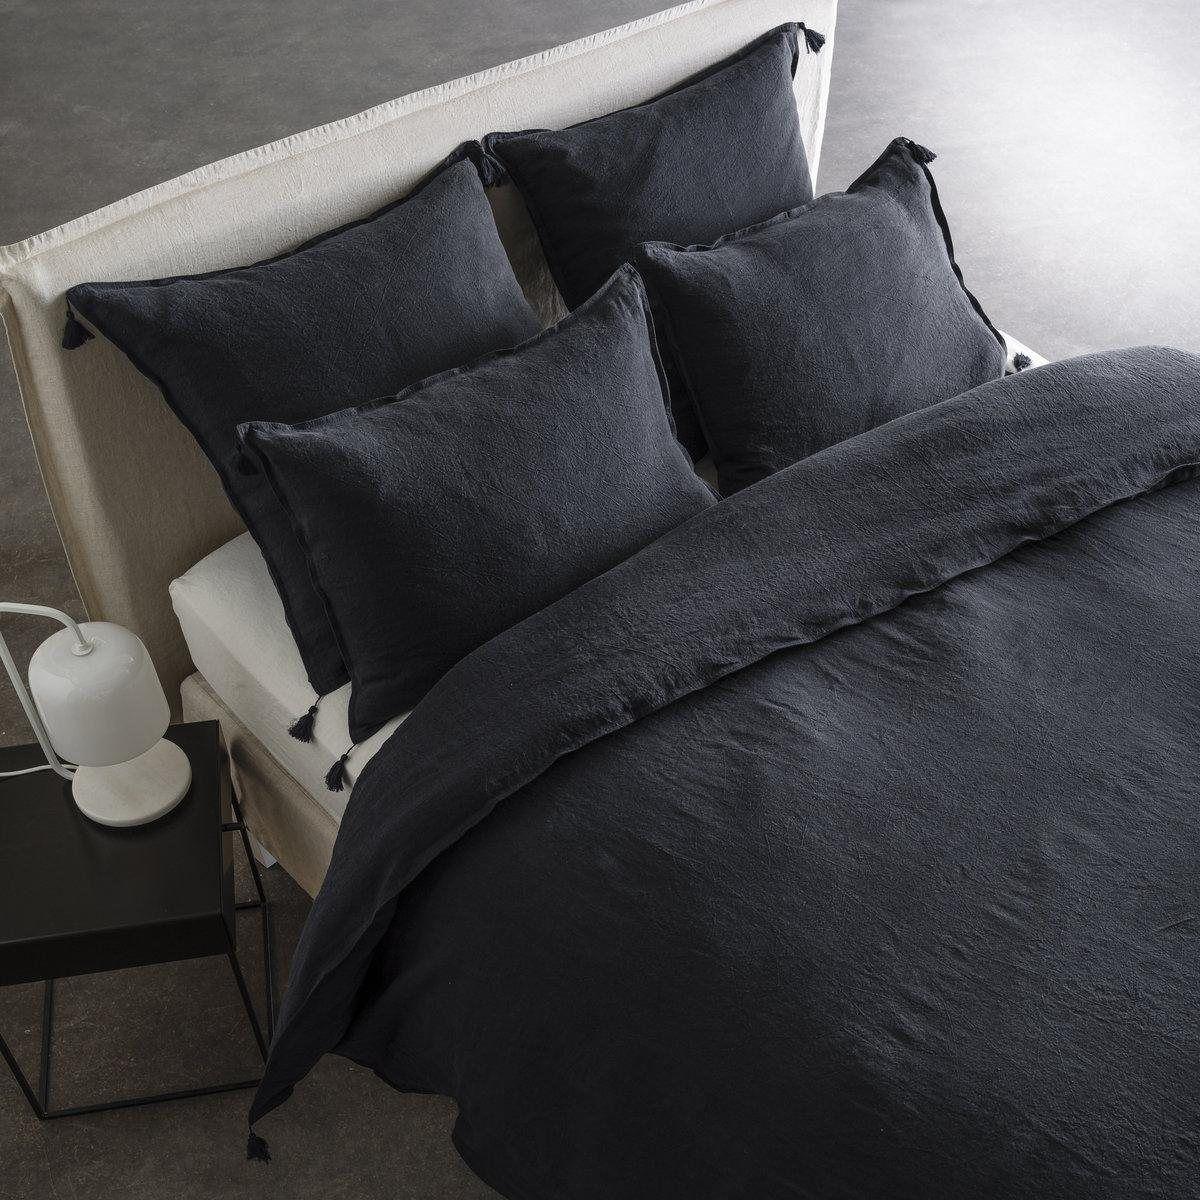 Housse de couette en lin lav carly am pm la redoute linen textiles pinterest bedroom - La redoute linge de lit en lin ...